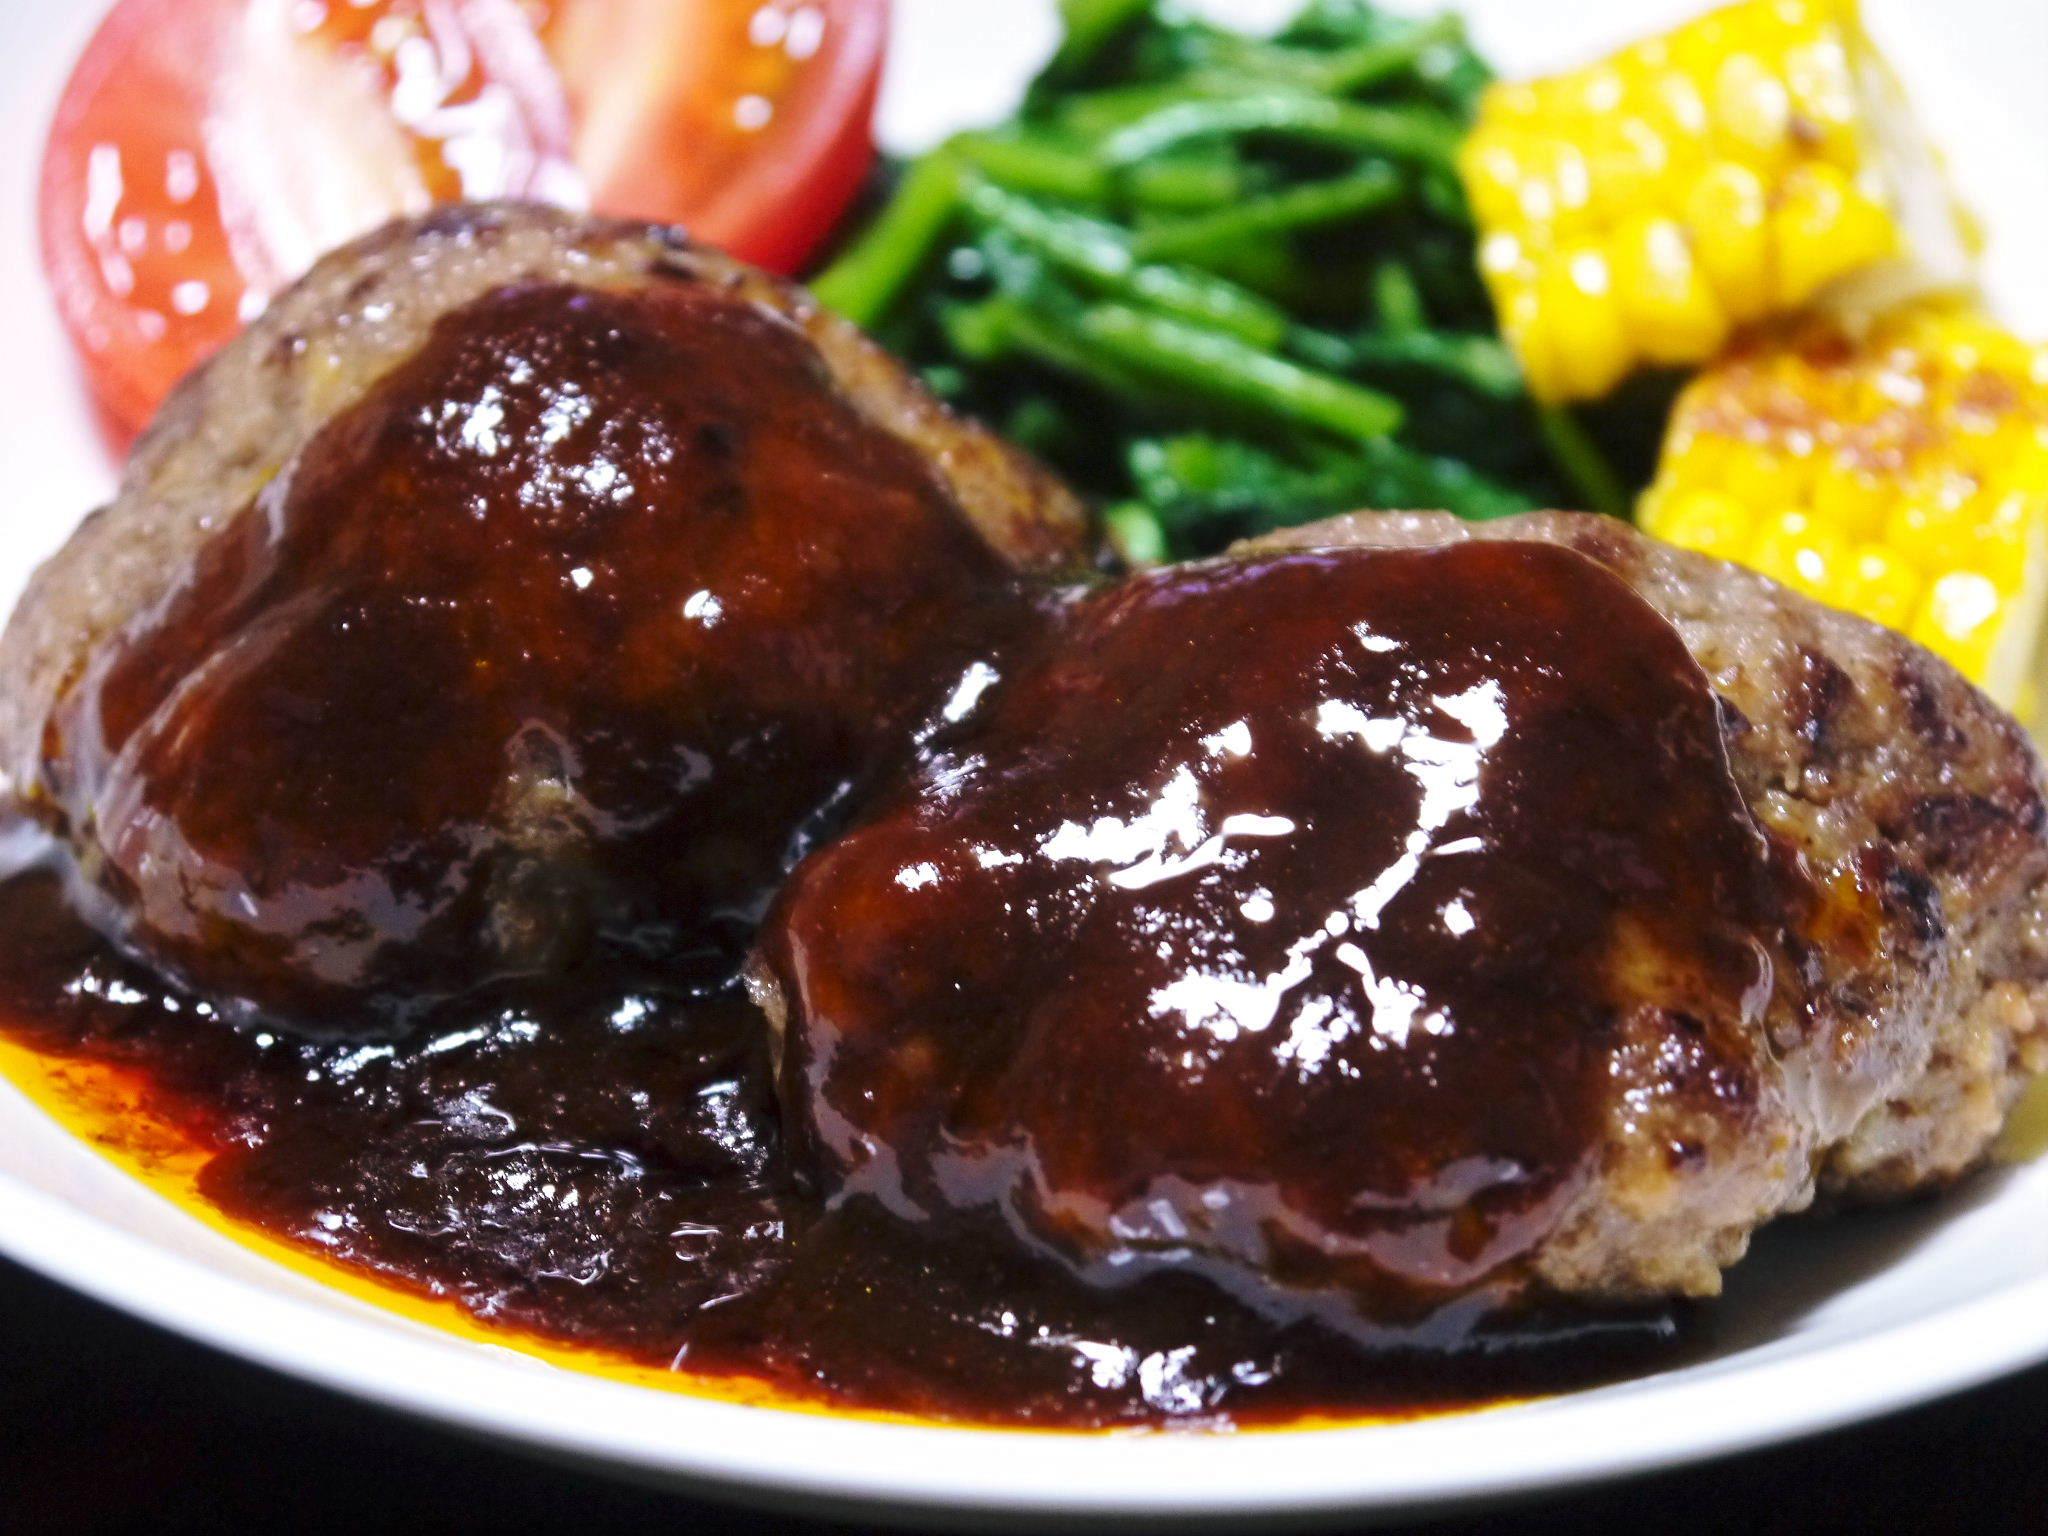 お歳暮にいかがですか!熊本県産黒毛和牛100%のハンバーグステーキを数量限定で予約販売中!_a0254656_17185184.jpg